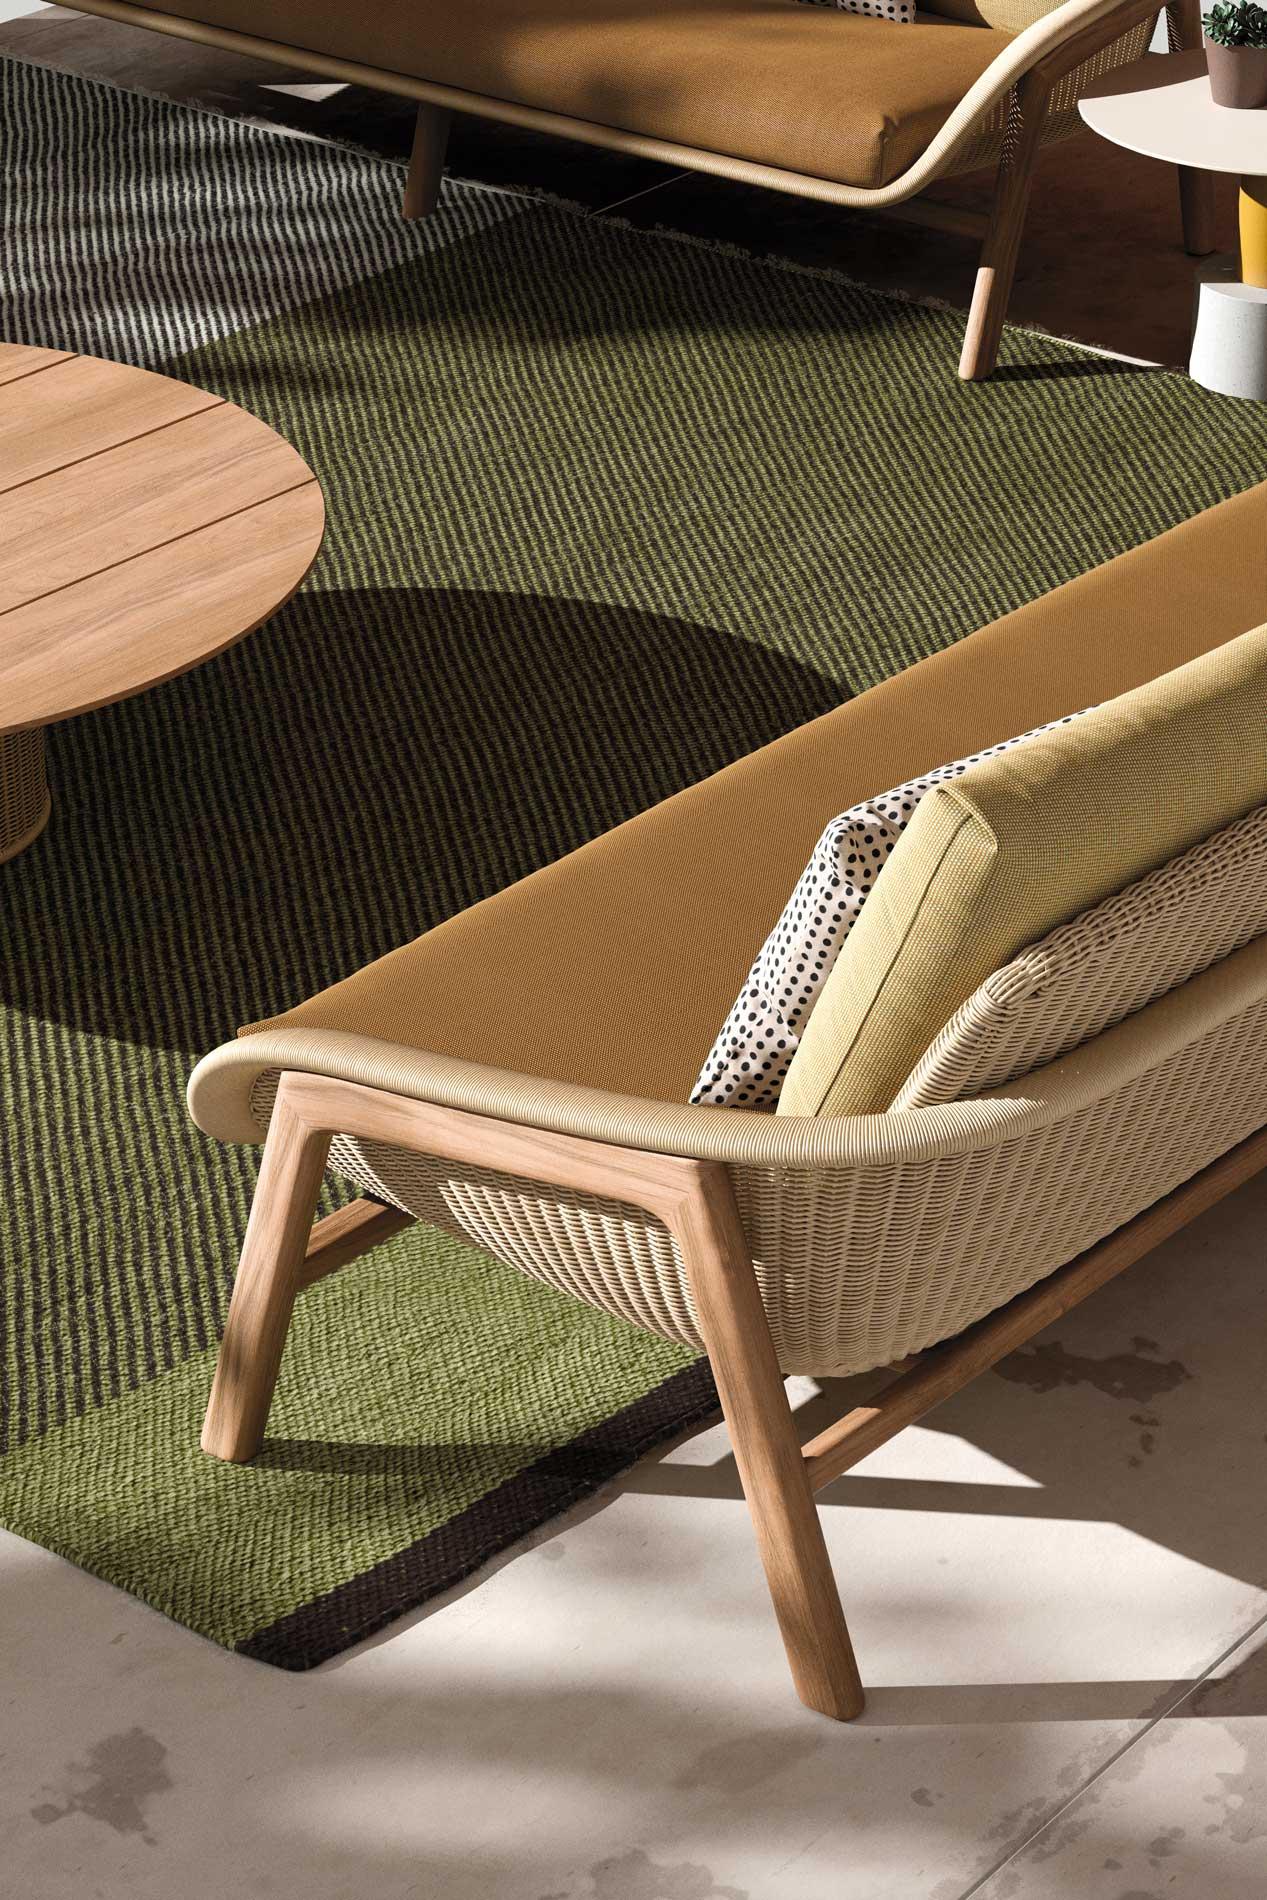 foto_slider_1485_0_0214-_Vimini_lounge_set_detail.jpg